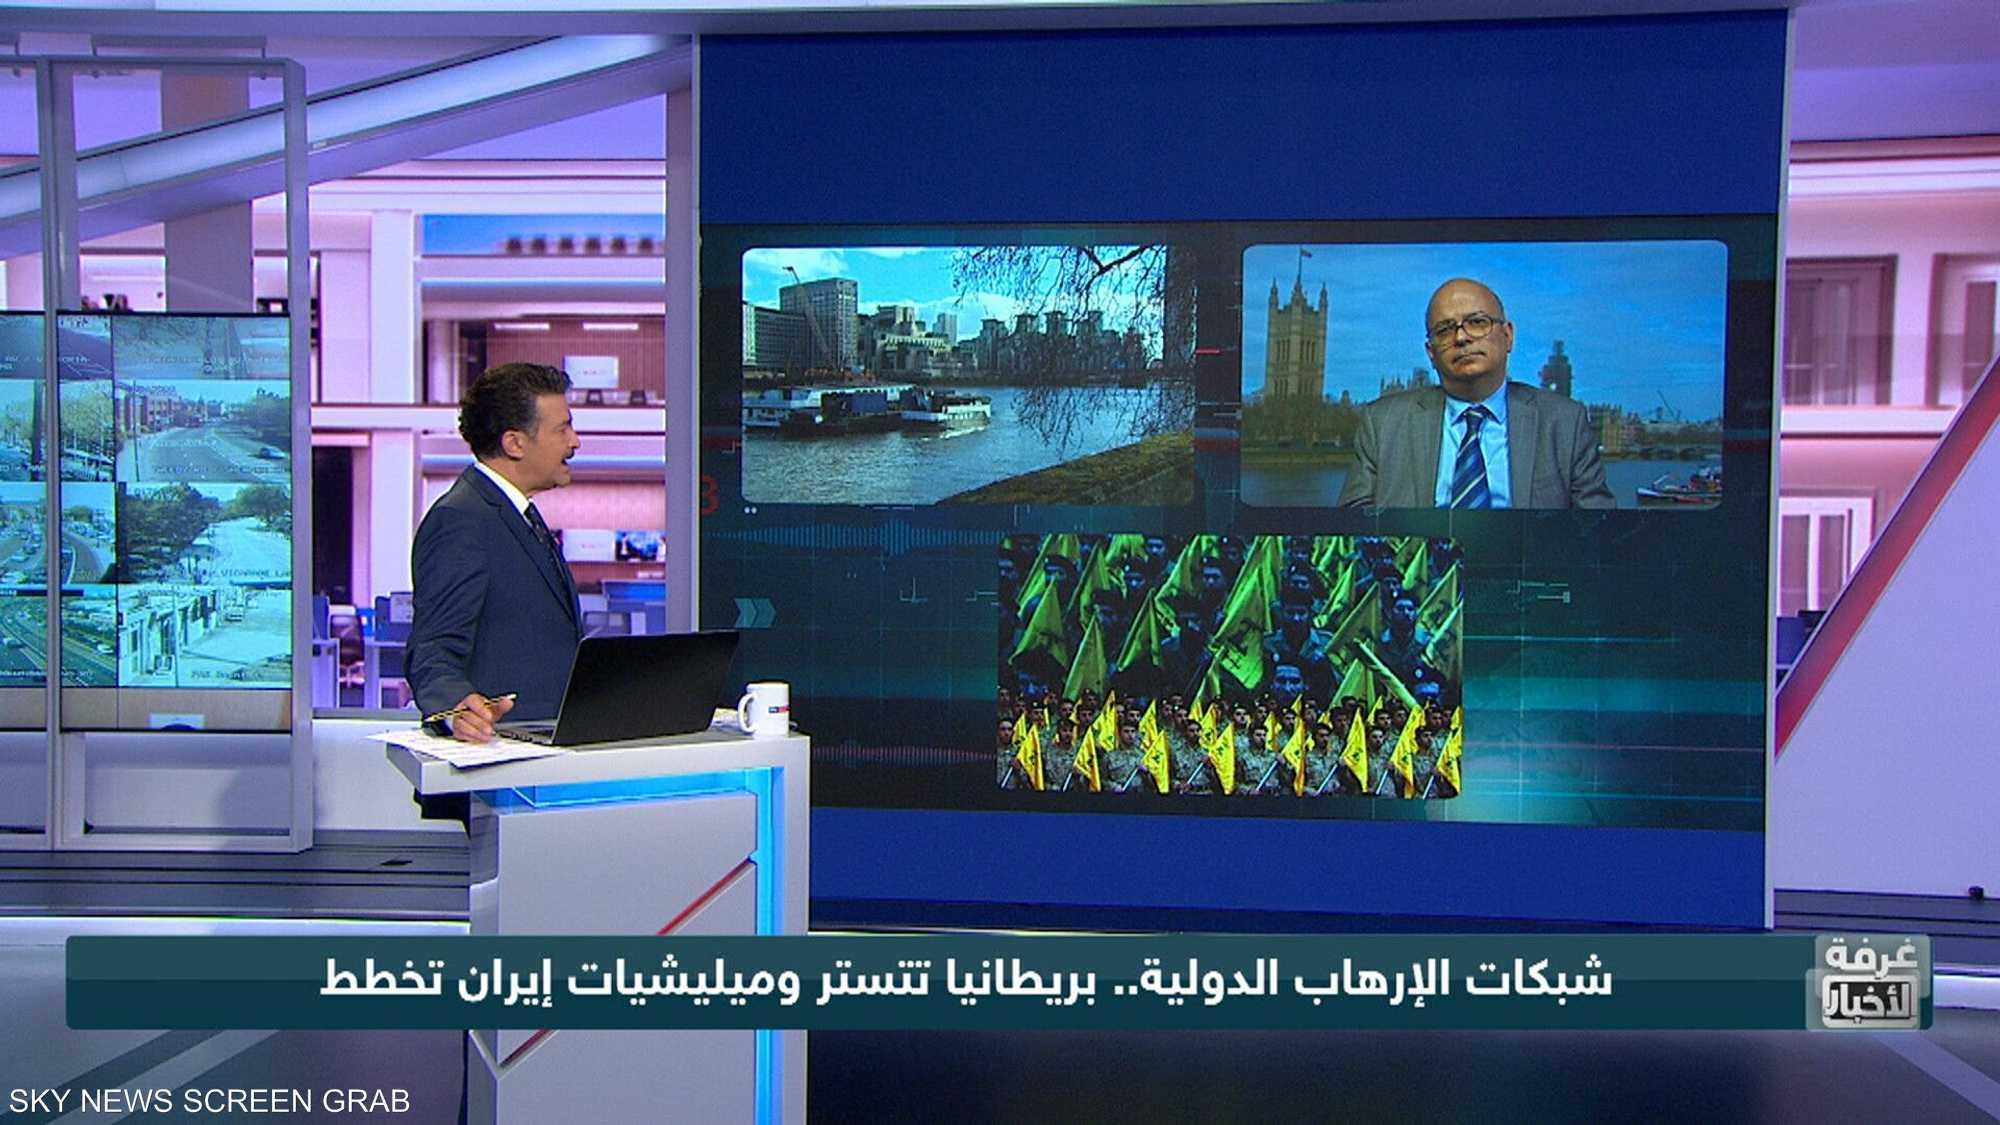 شبكات الإرهاب الدولية.. بريطانيا تتستر وميليشيات إيران تخطط